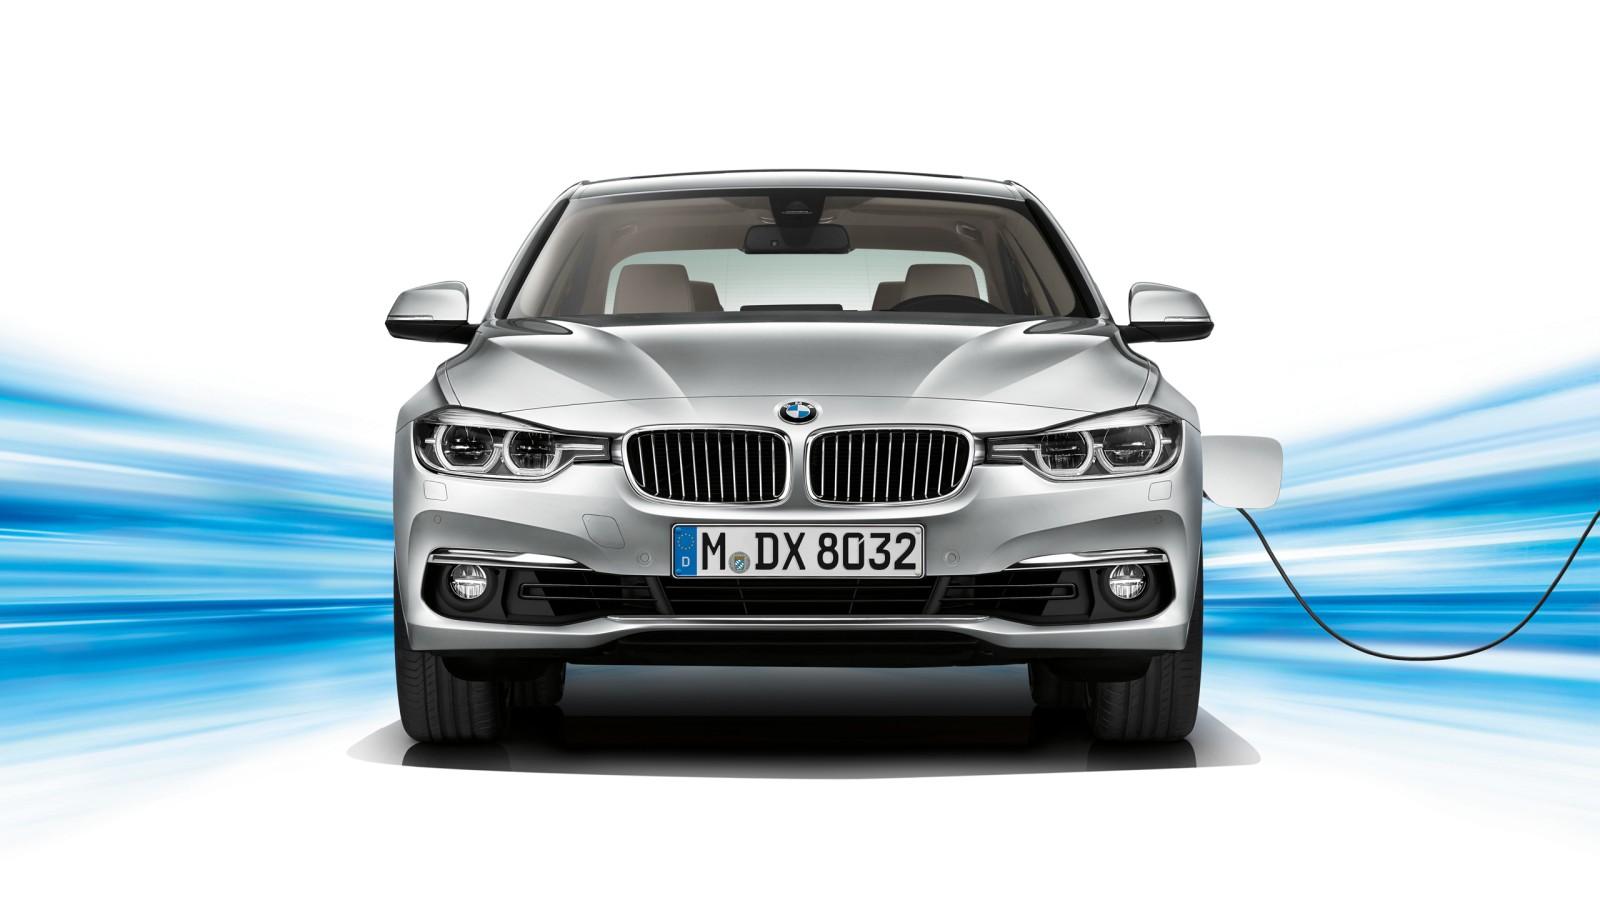 2015 BMW 3 Series F30 Wallpaper   HD Car Wallpapers   ID #5720